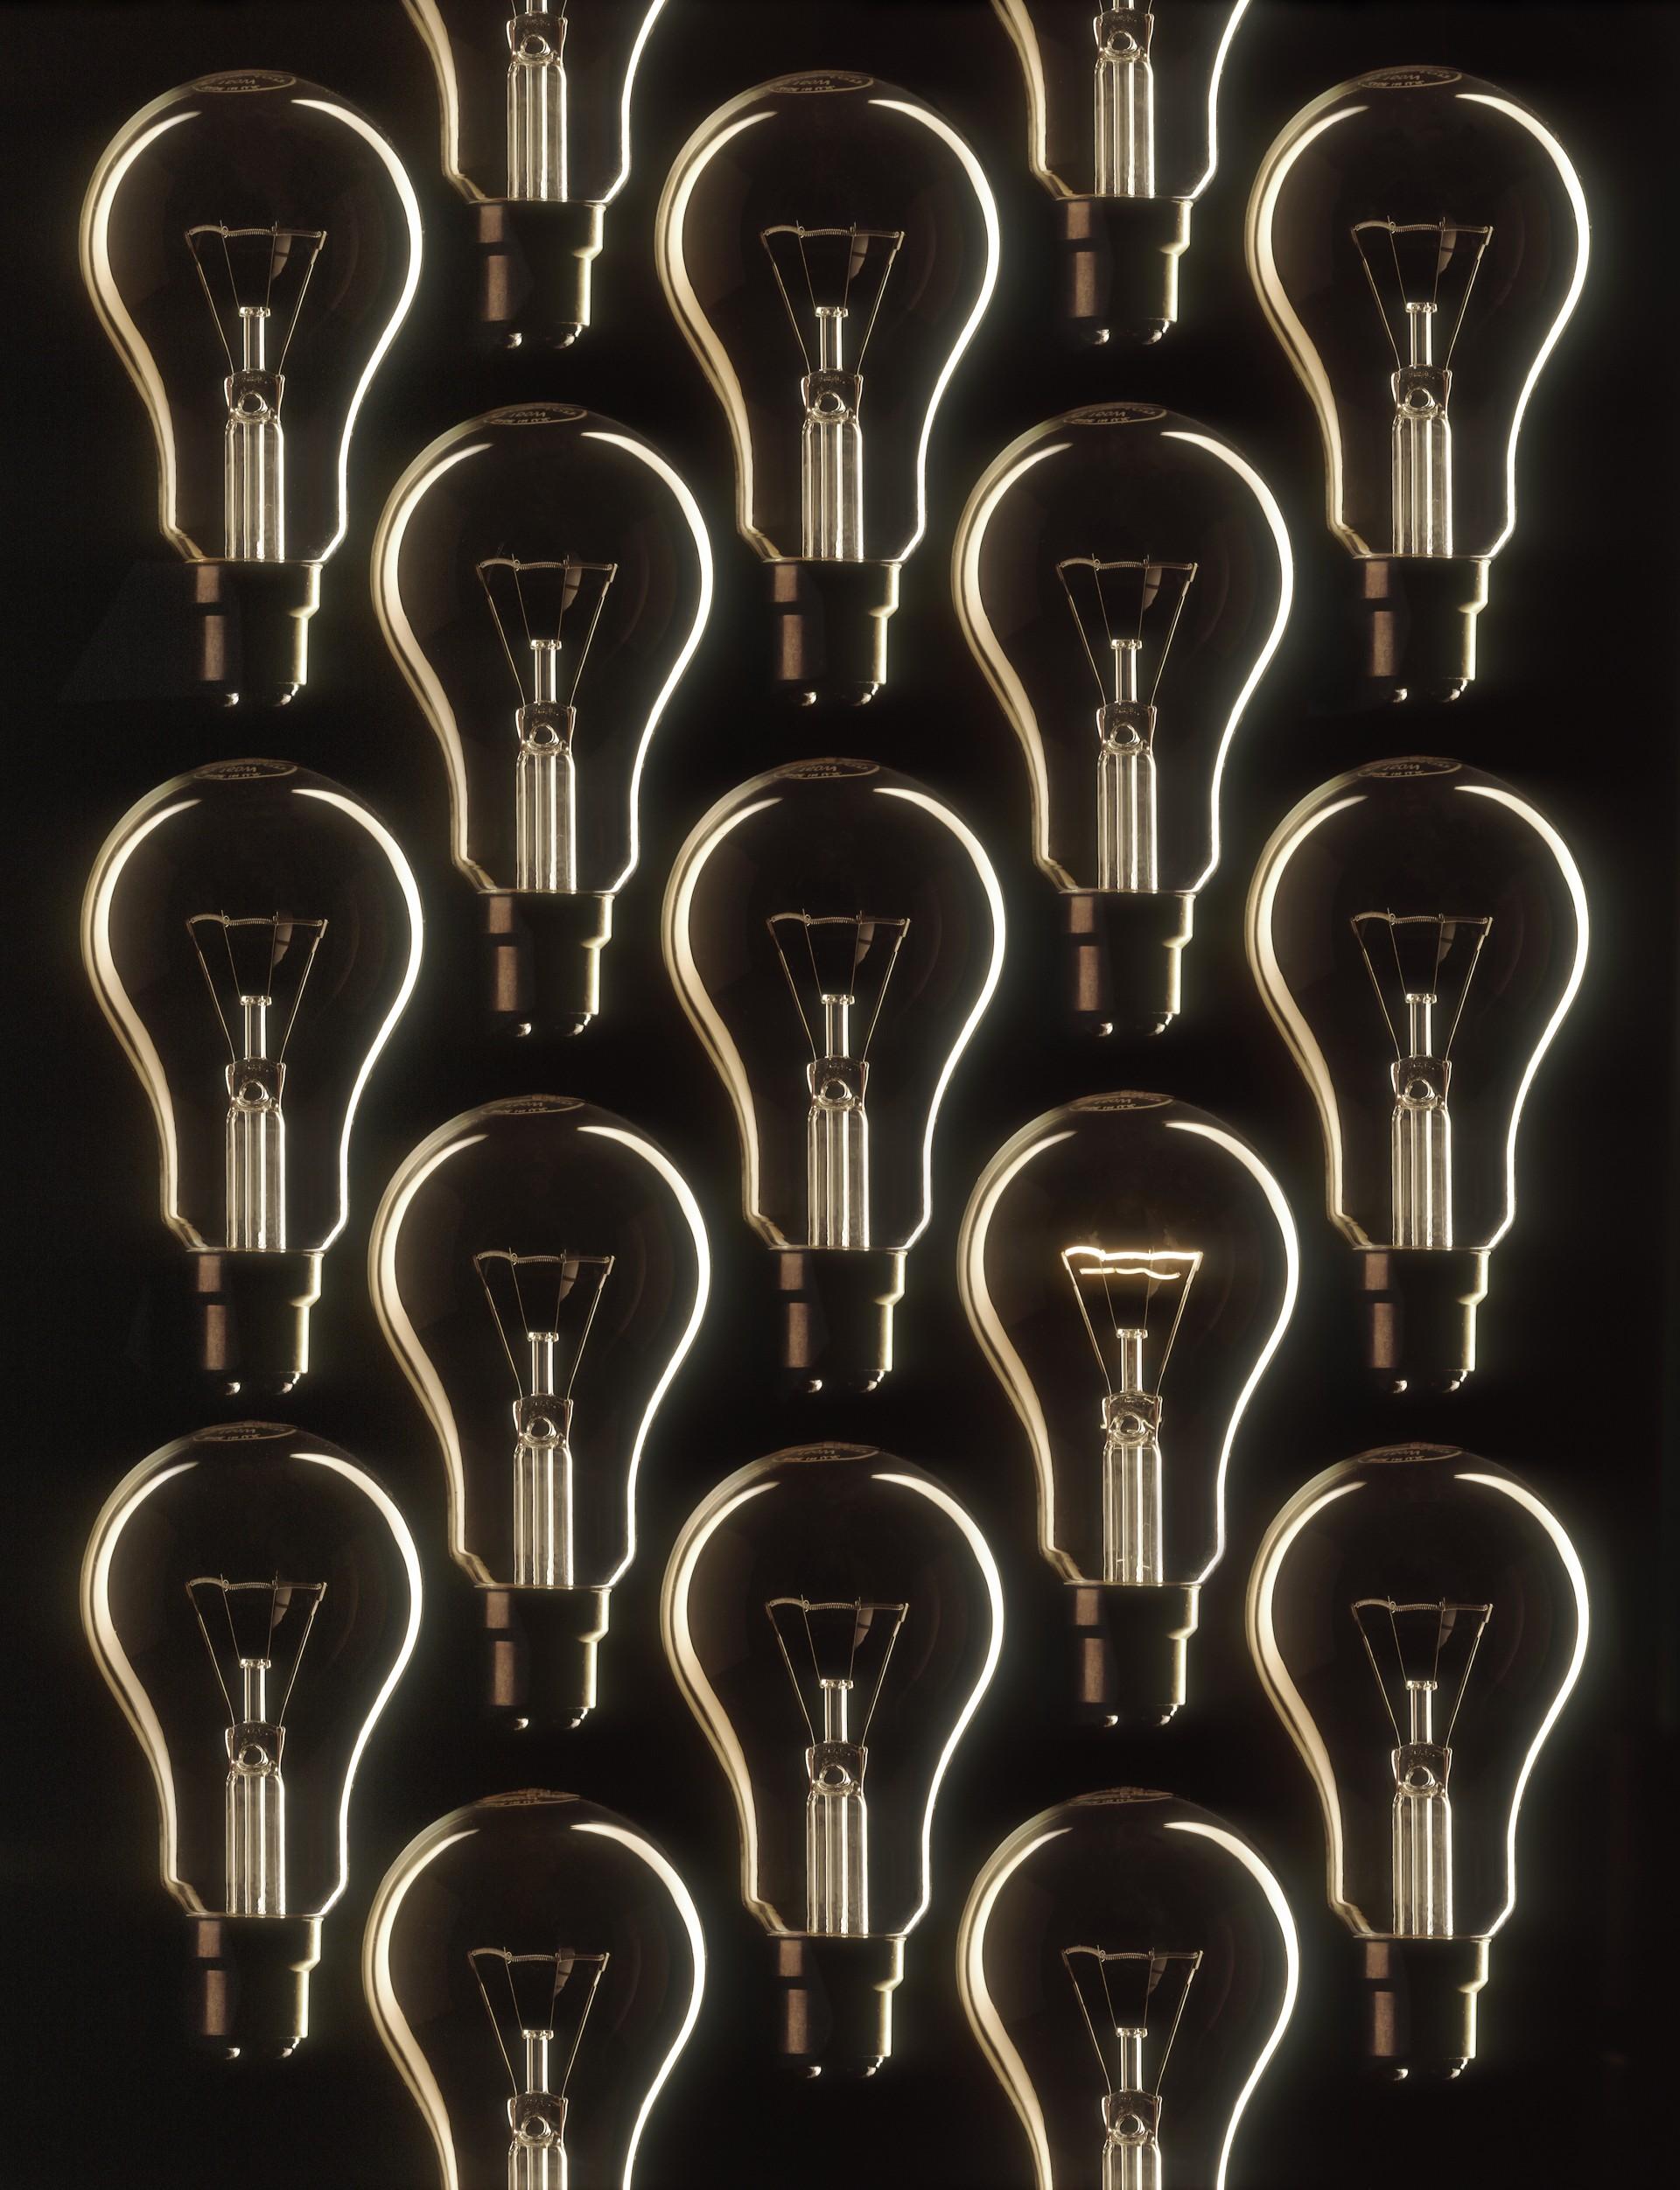 Peter Marshall Photography Lightbulbs